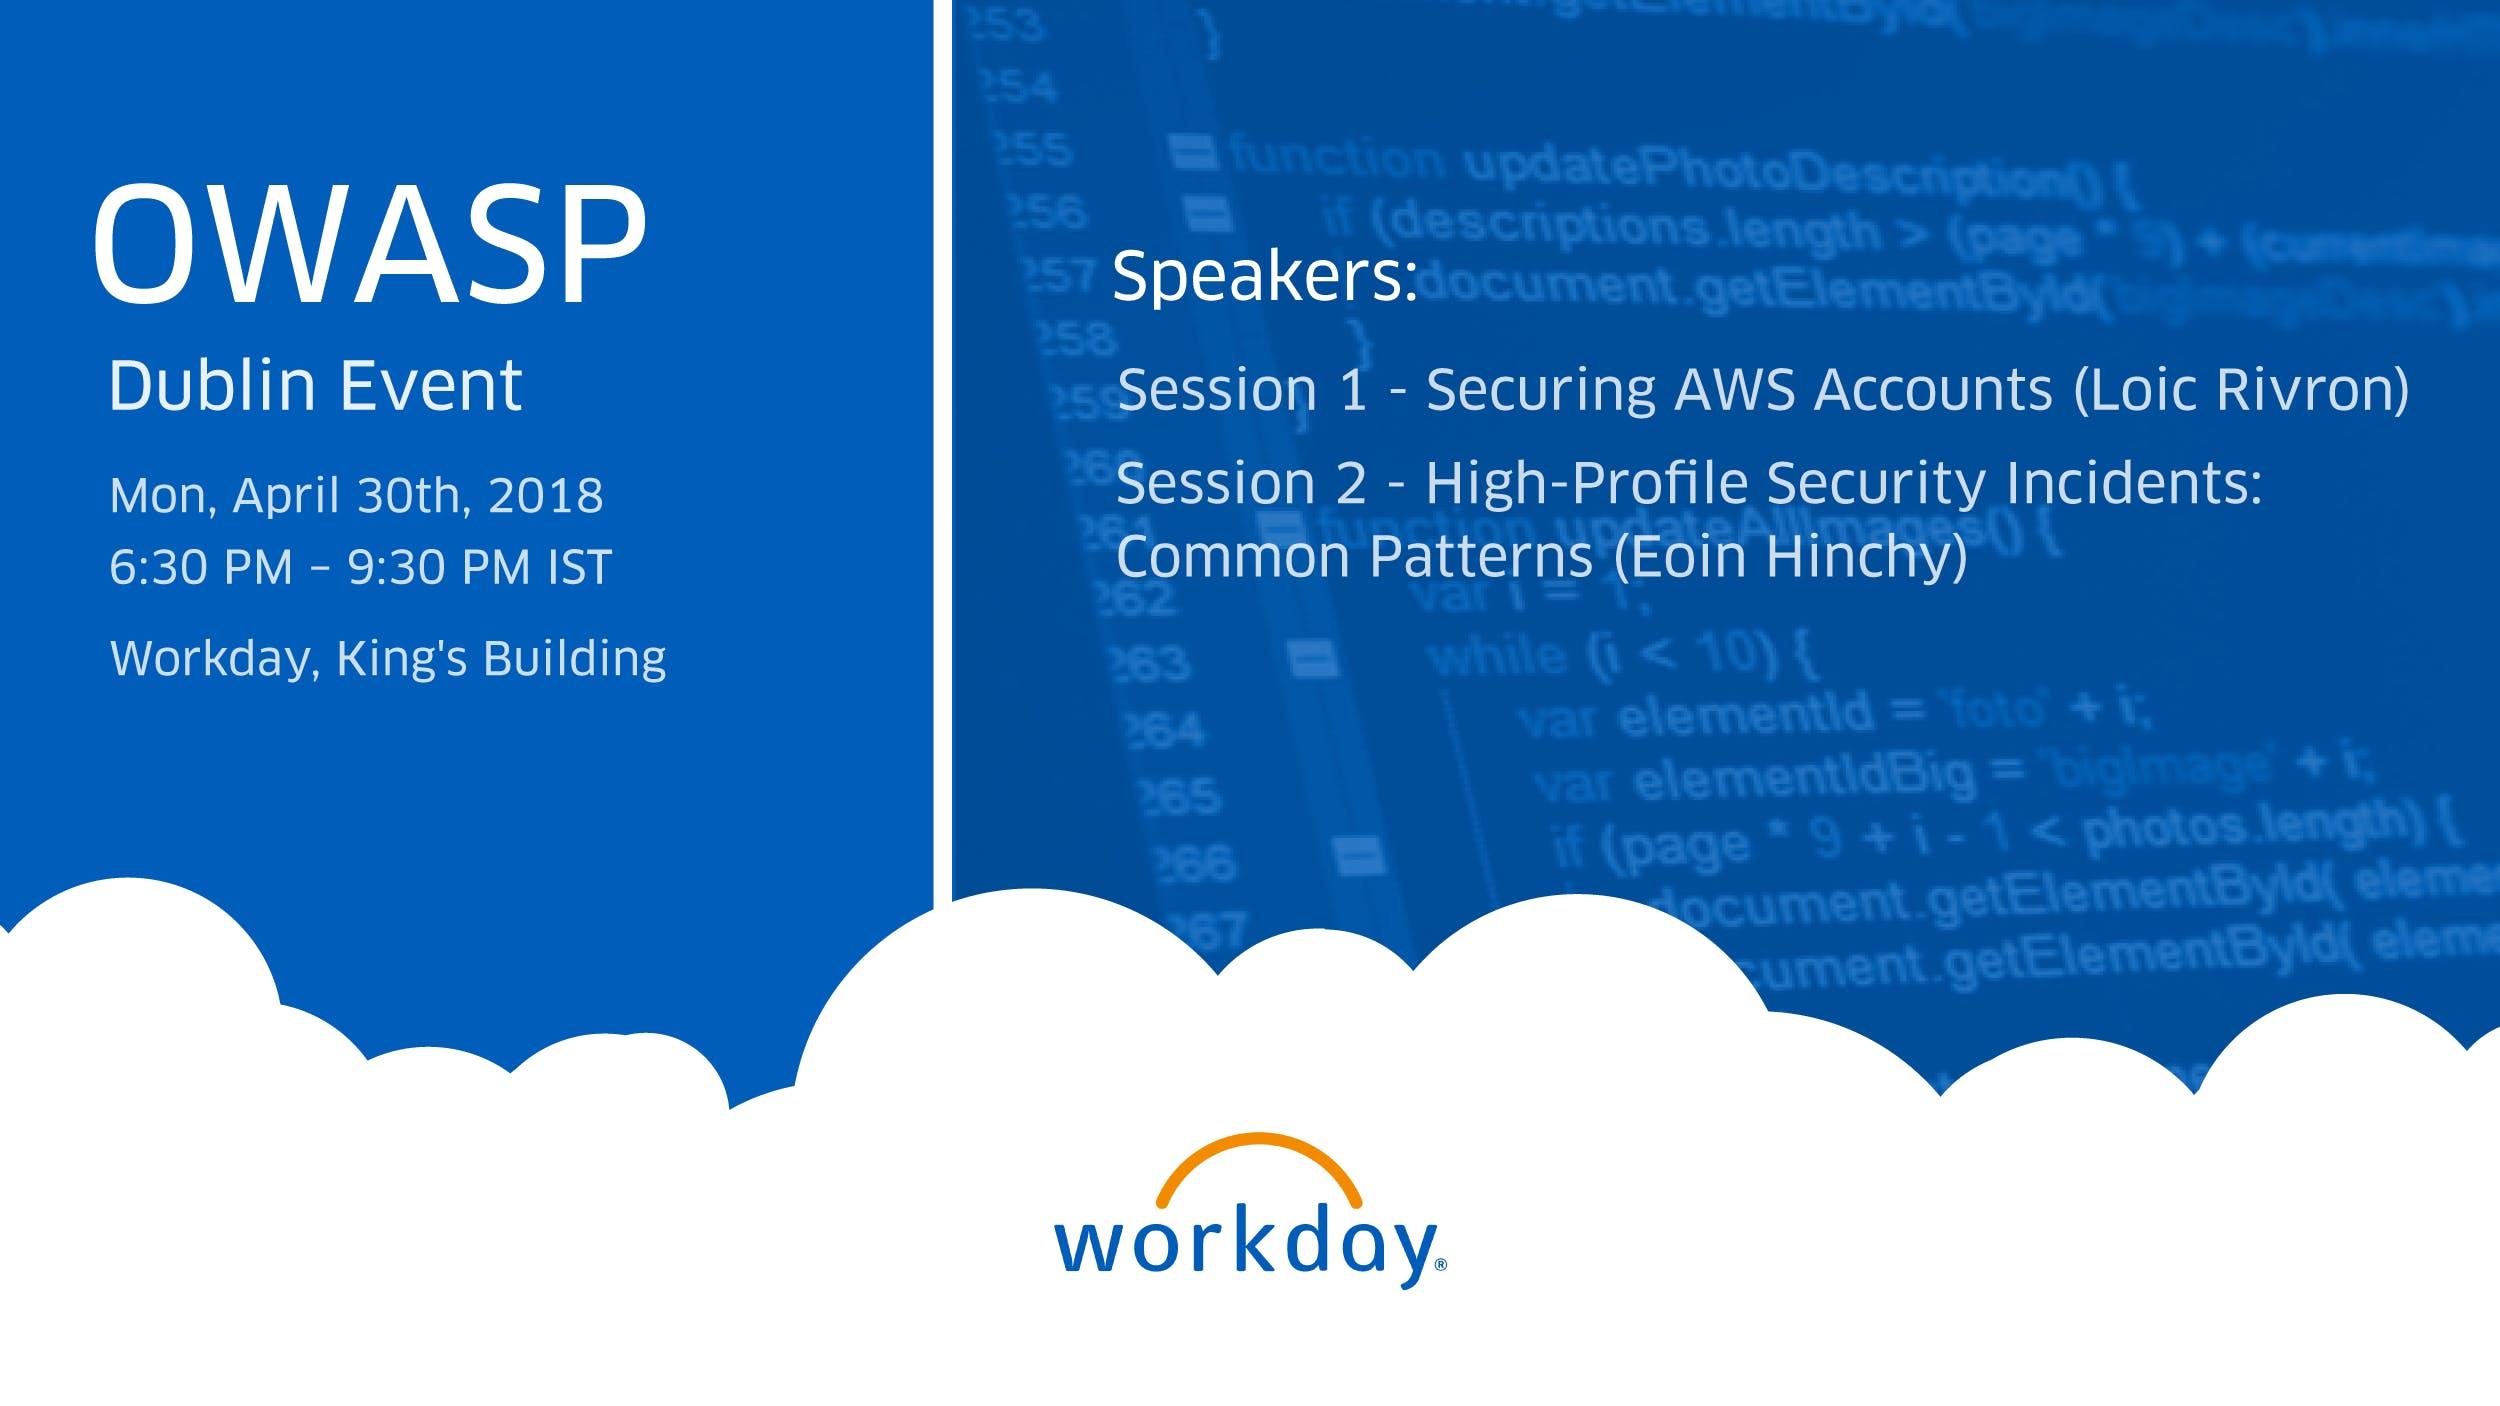 OWASP Dublin - Security Lessons Learned on Leadership & AWS